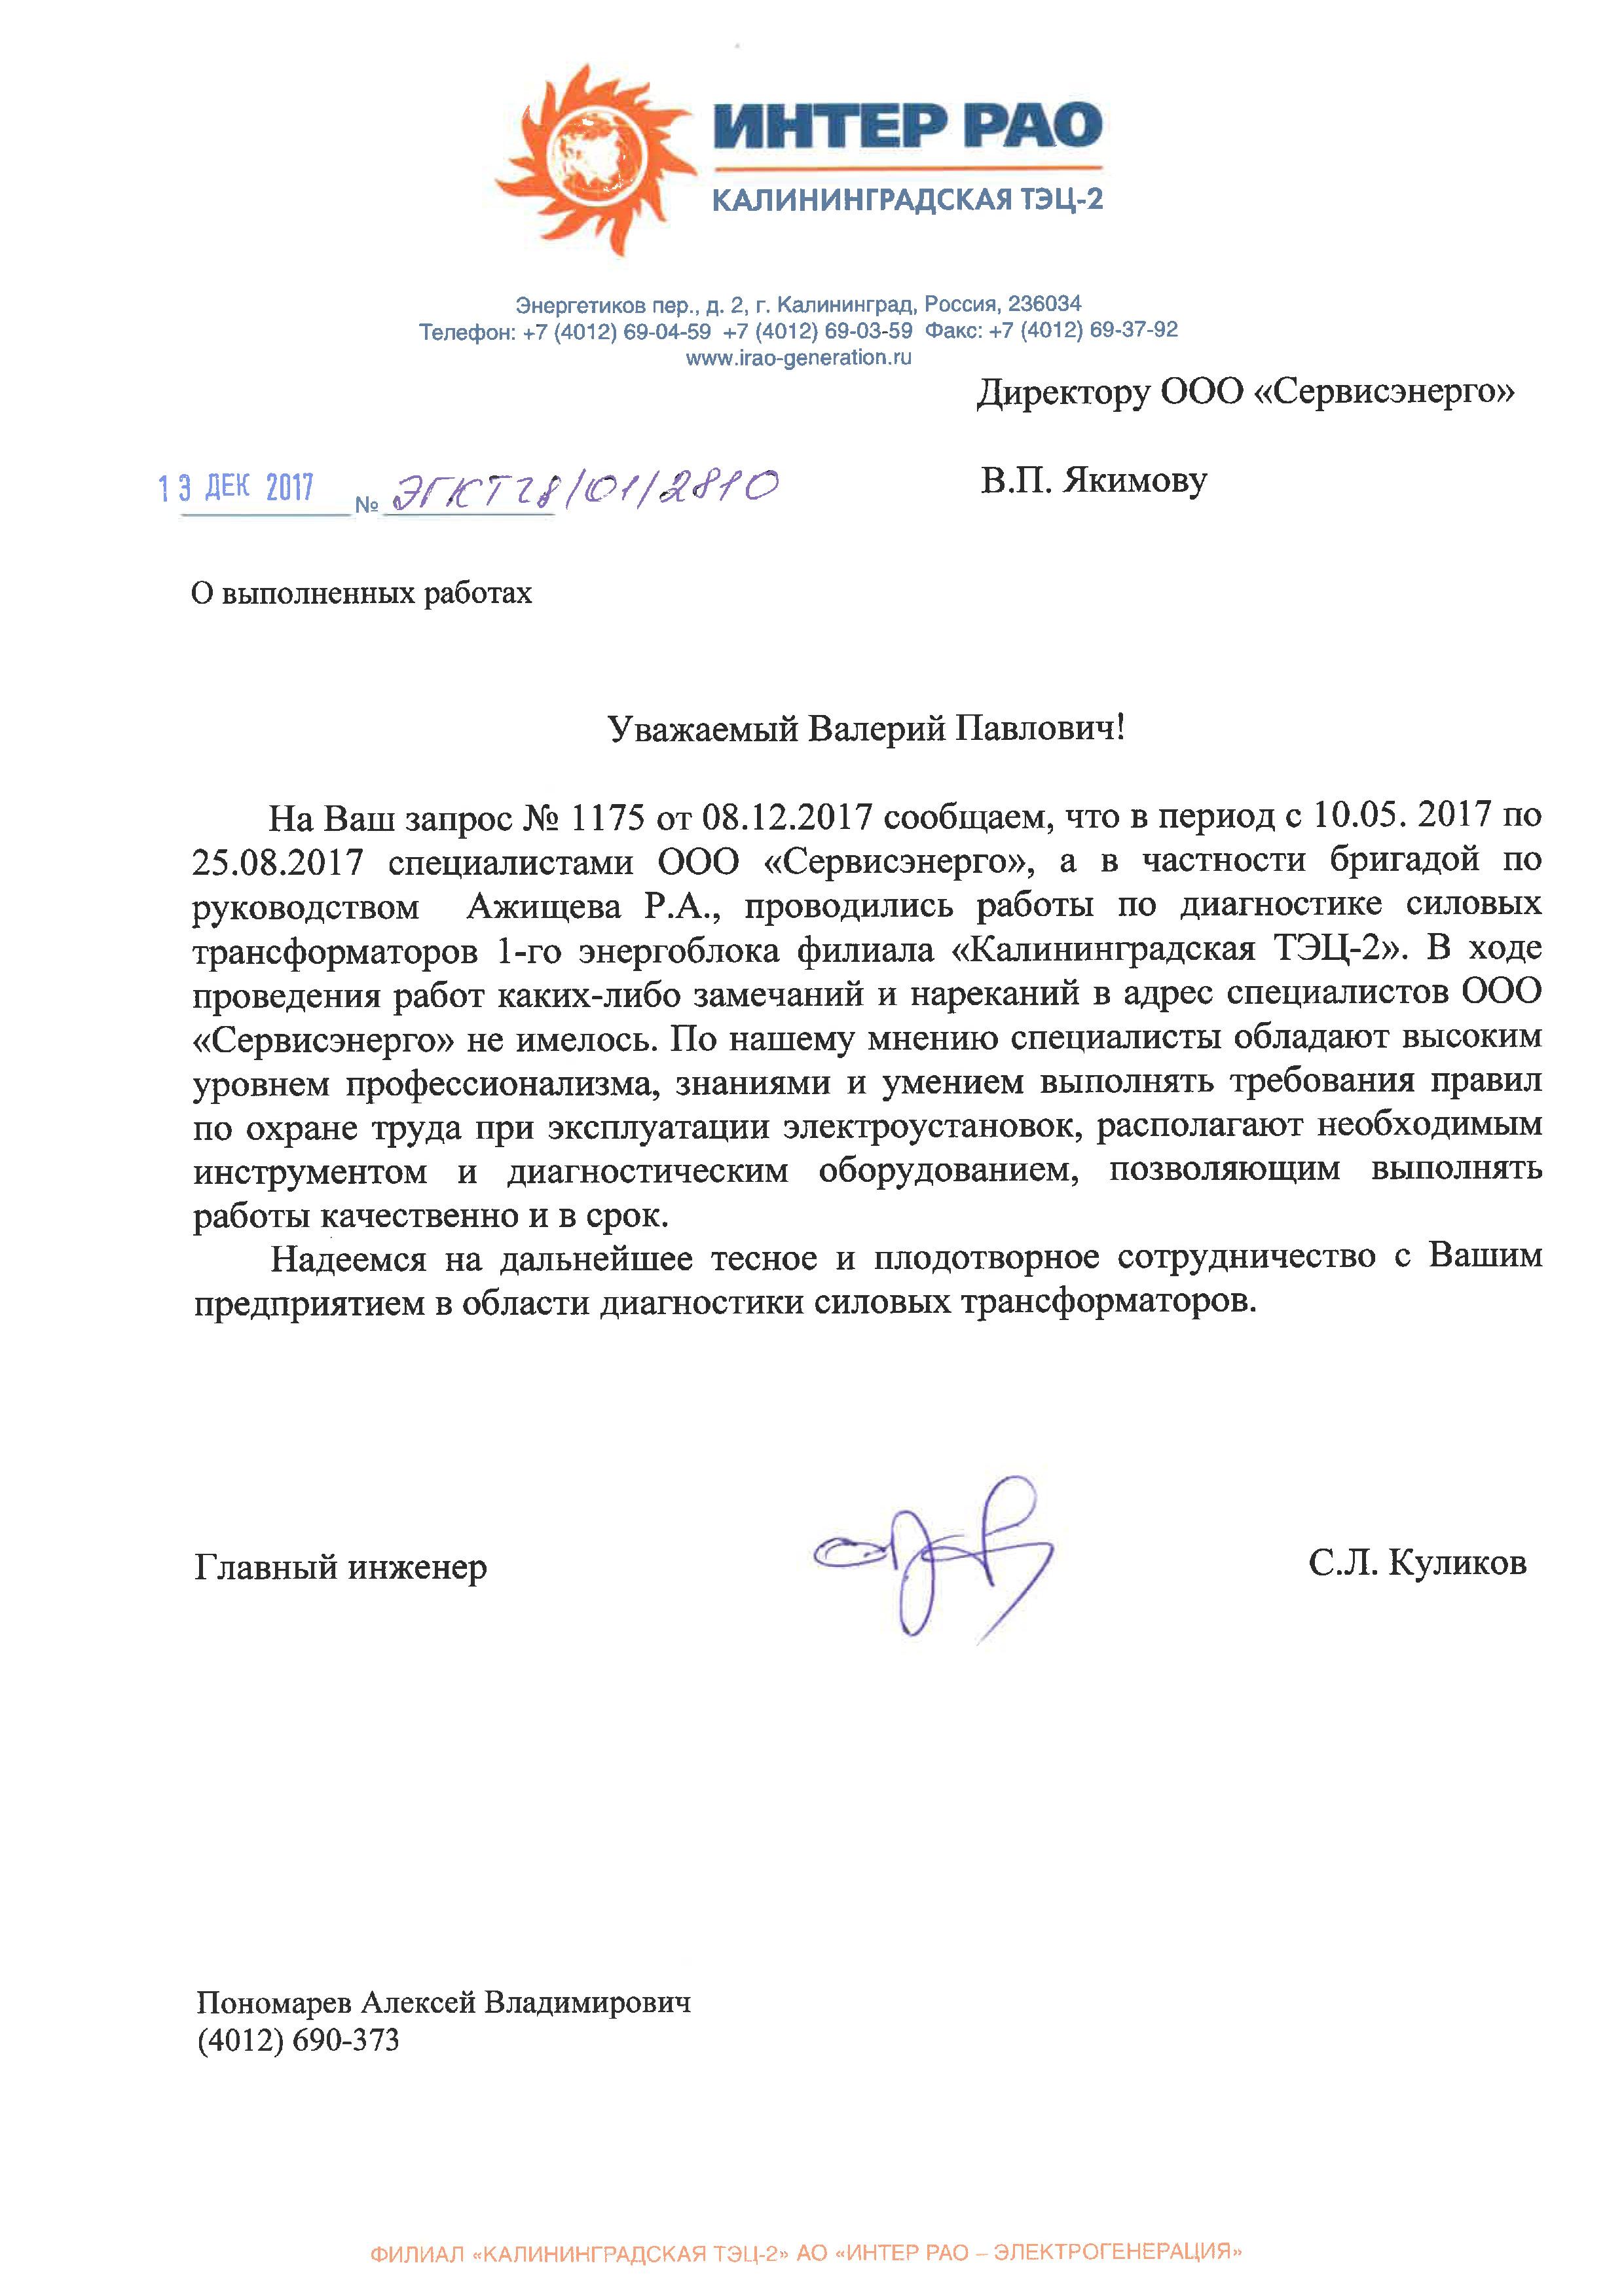 отзыв_2017_Калининградская ТЭЦ-2 (СЕРВИСЭНЕРГО)